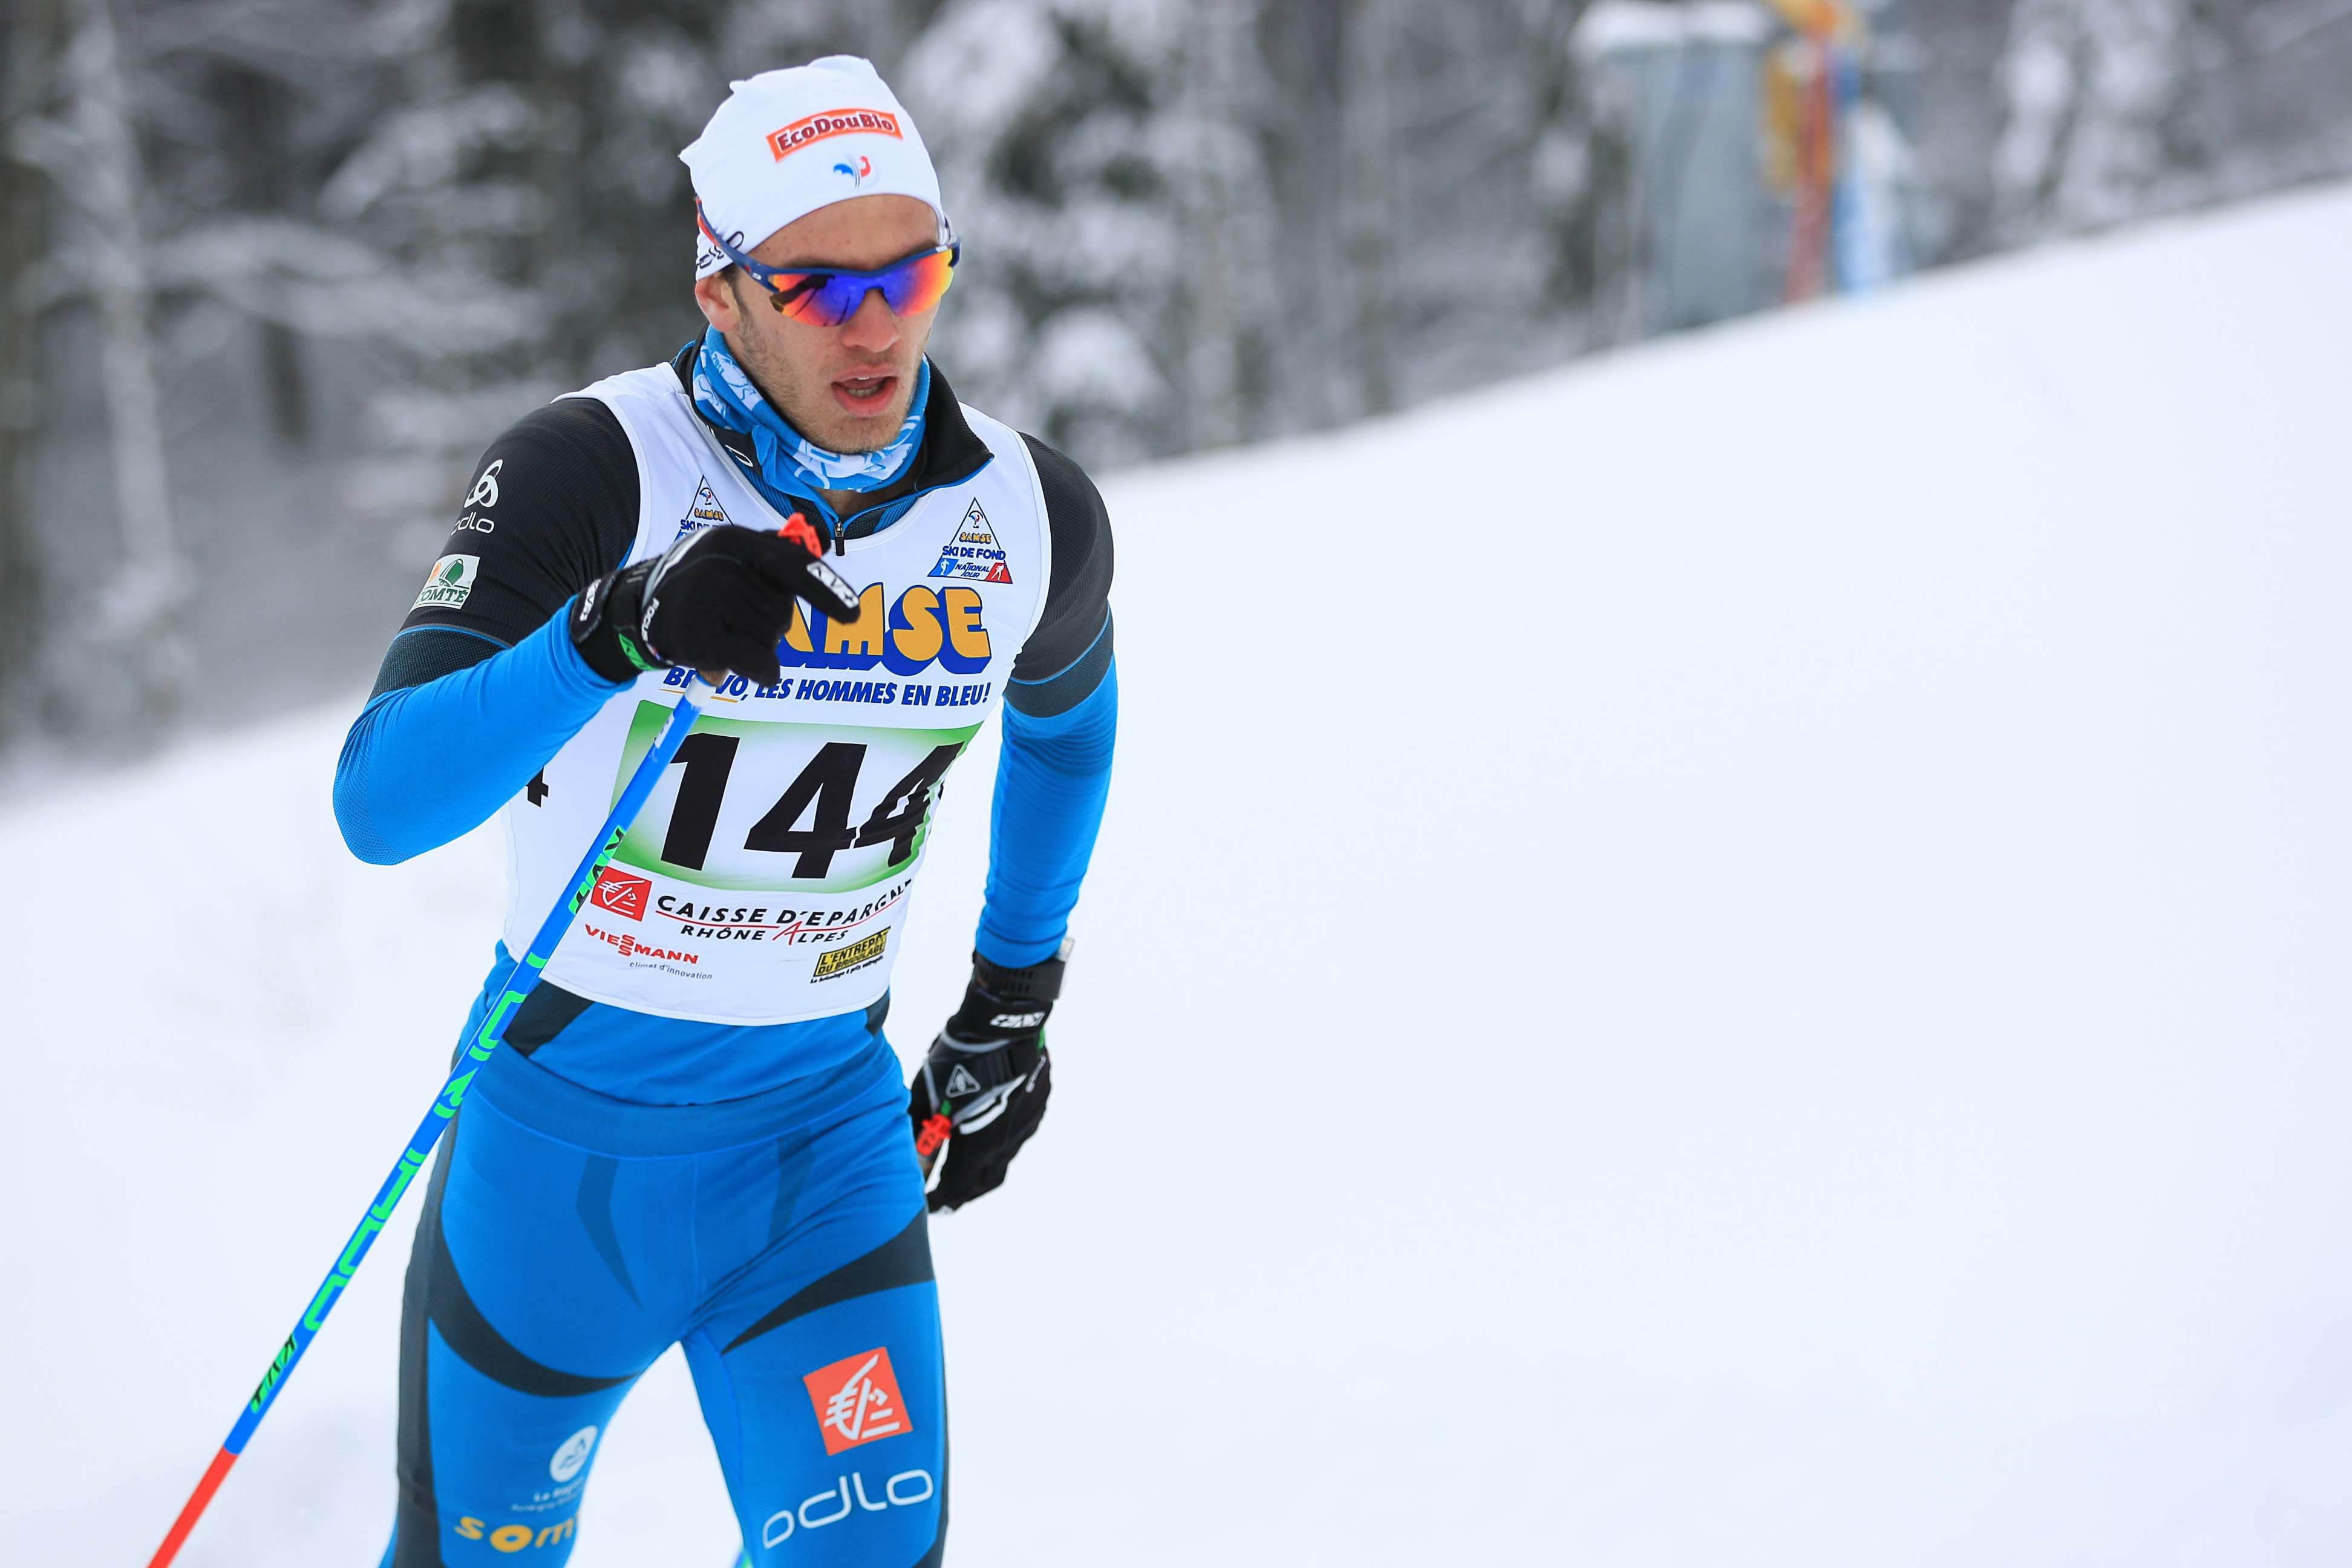 Ski de fond, biathlon, combiné nordique, ski nordique, saut à ski, saut spécial, tremplins, ski, hiver, coupe du monde, jeux olympiques, coupe de France, neige